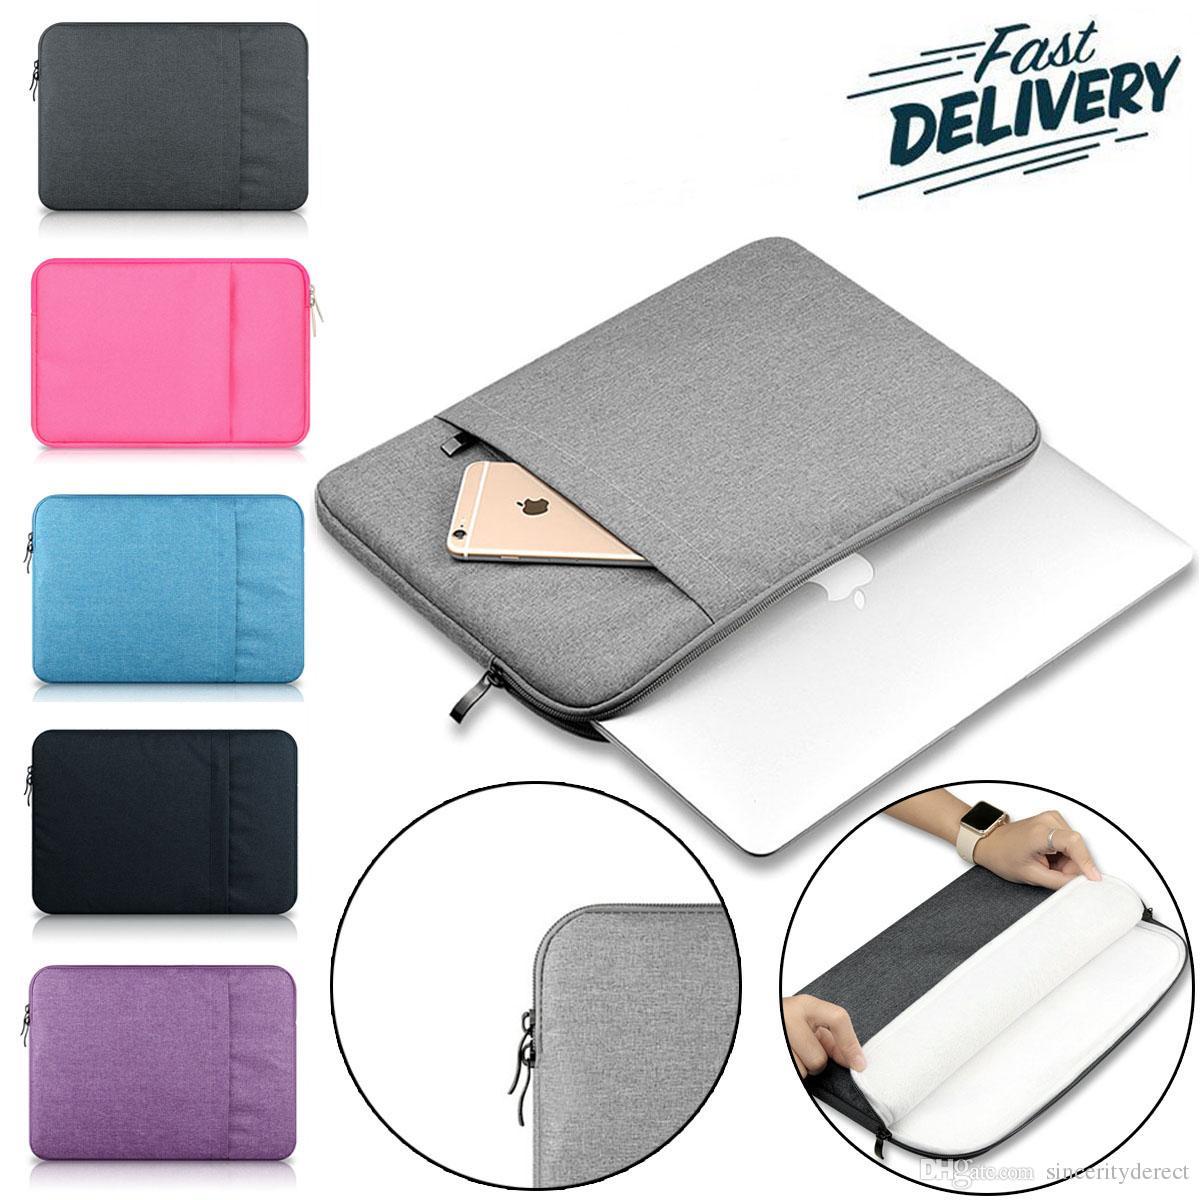 Sacoche pour ordinateur portable 13-15 pouces pour iPad Pro Apple ASUS Lenovo Dell, étui de protection portable 360 °